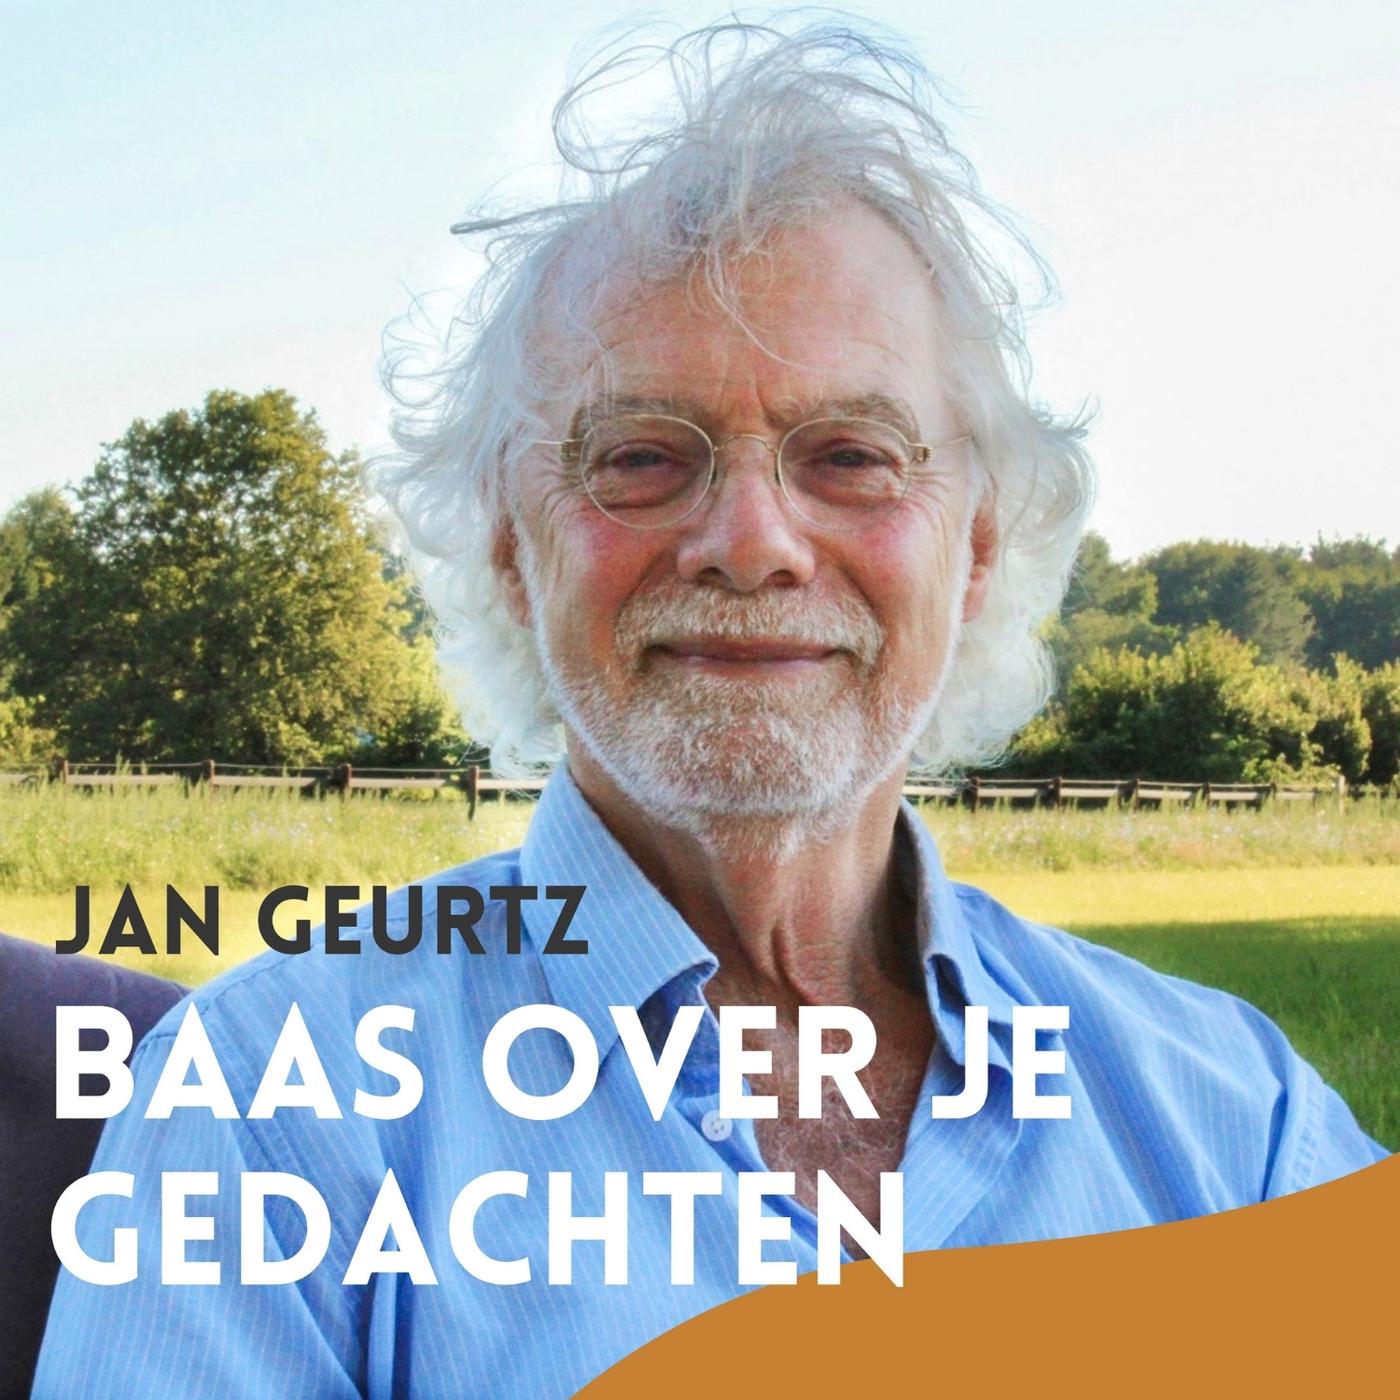 Word de baas over je gedachten met Jan Geurtz